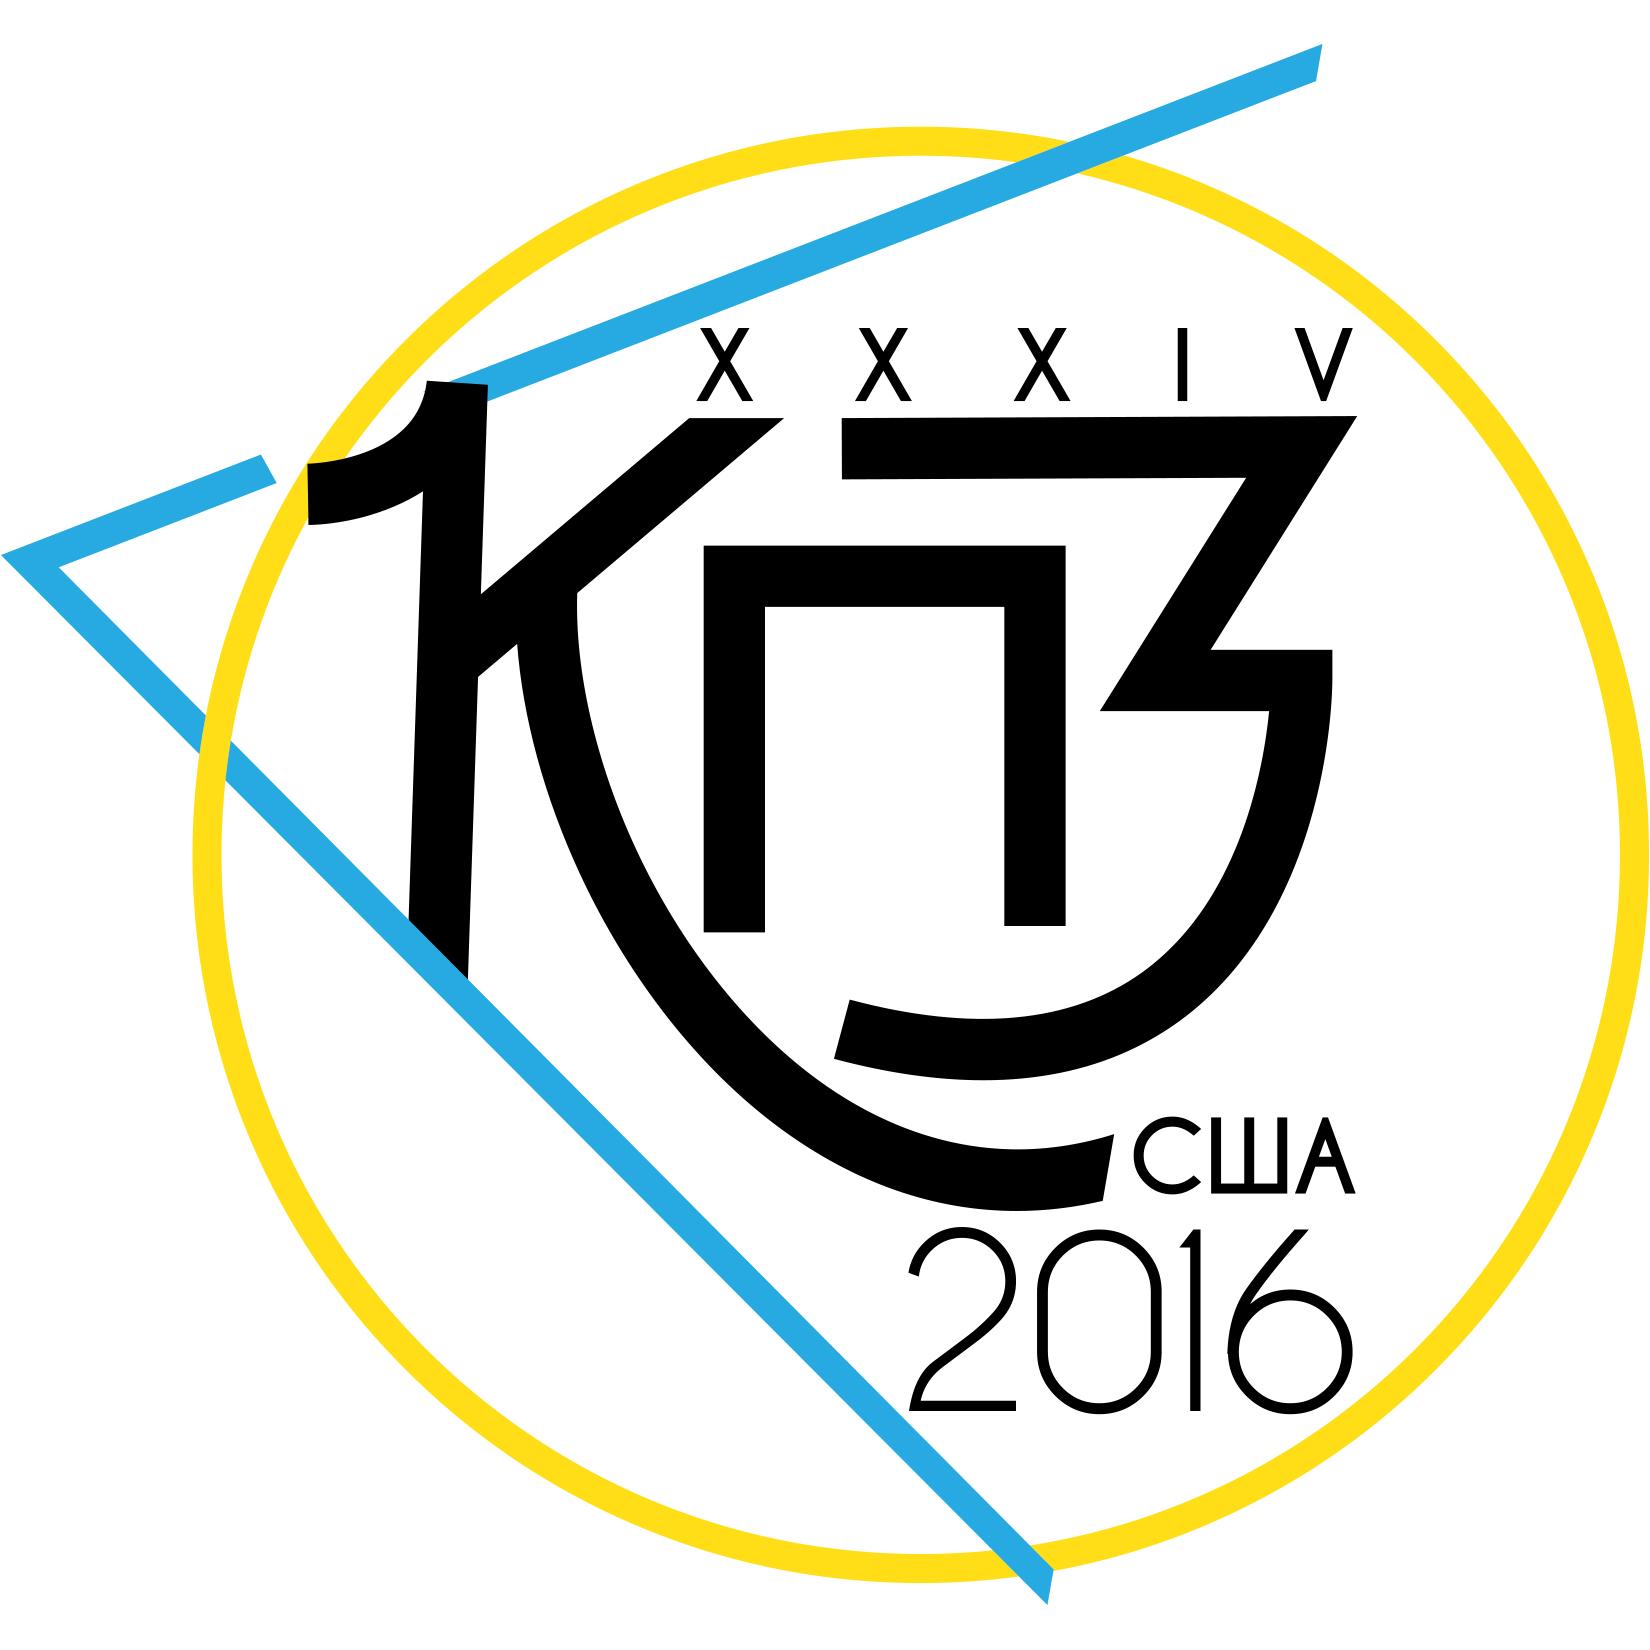 KPZ2016_FINAL-1_COLOR.jpg